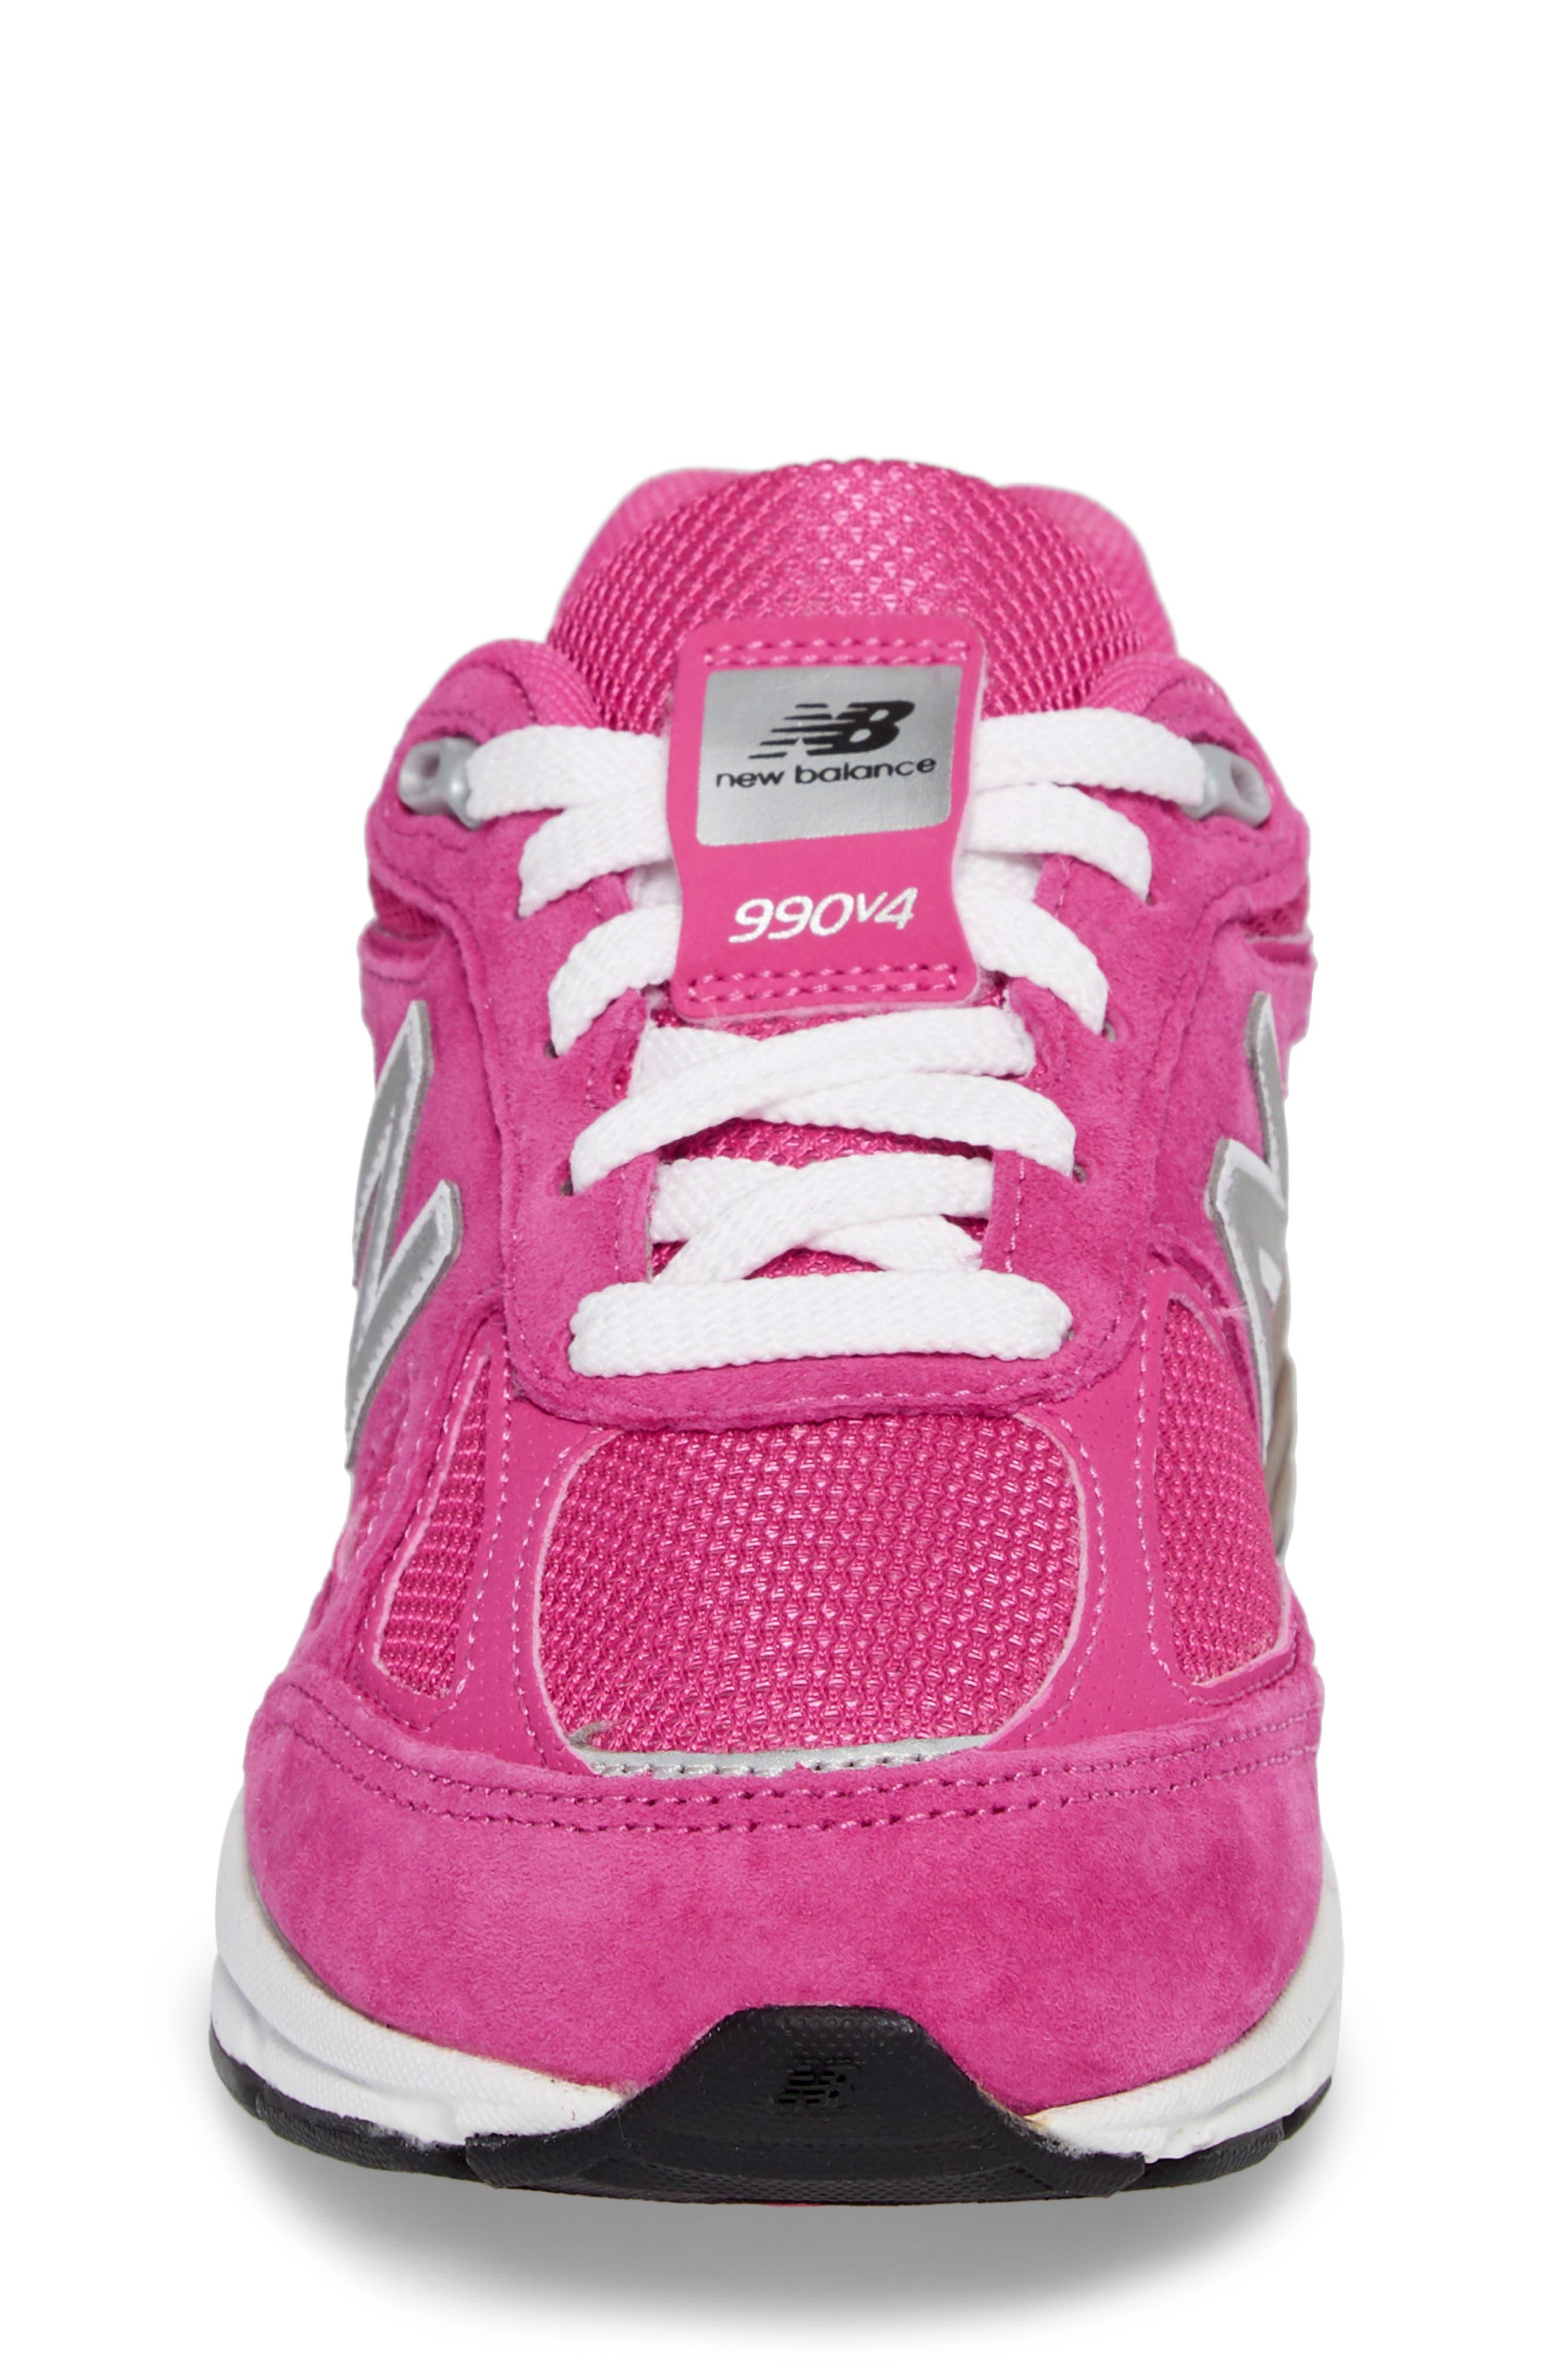 990v4 Sneaker,                             Alternate thumbnail 4, color,                             Pink